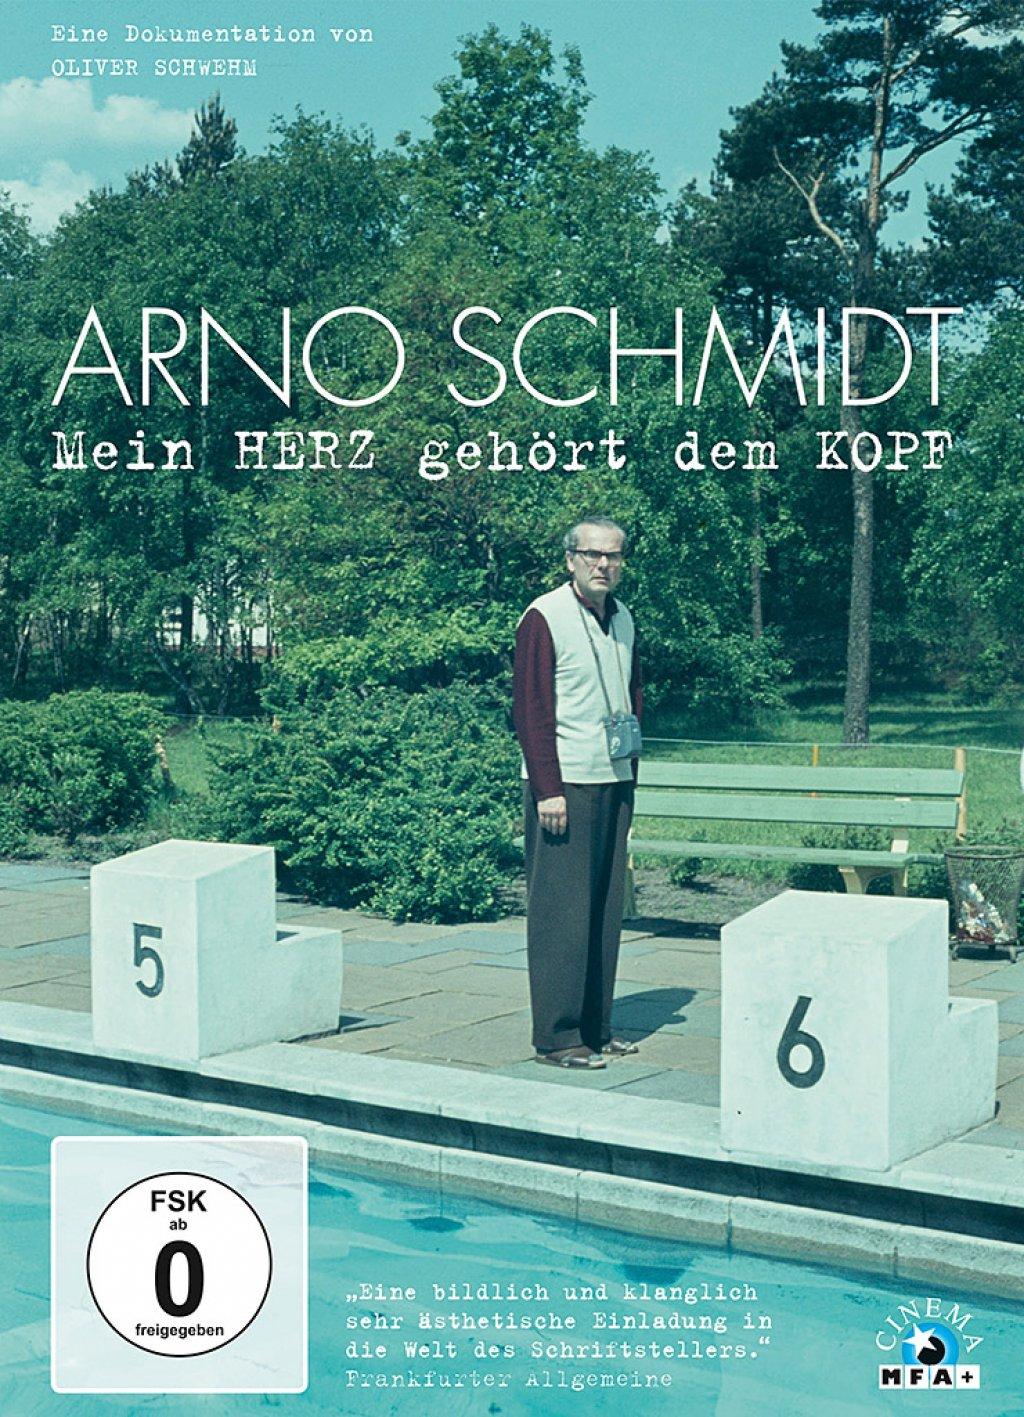 Arno Schmidt - Mein Herz gehört dem Kopf (DVD)